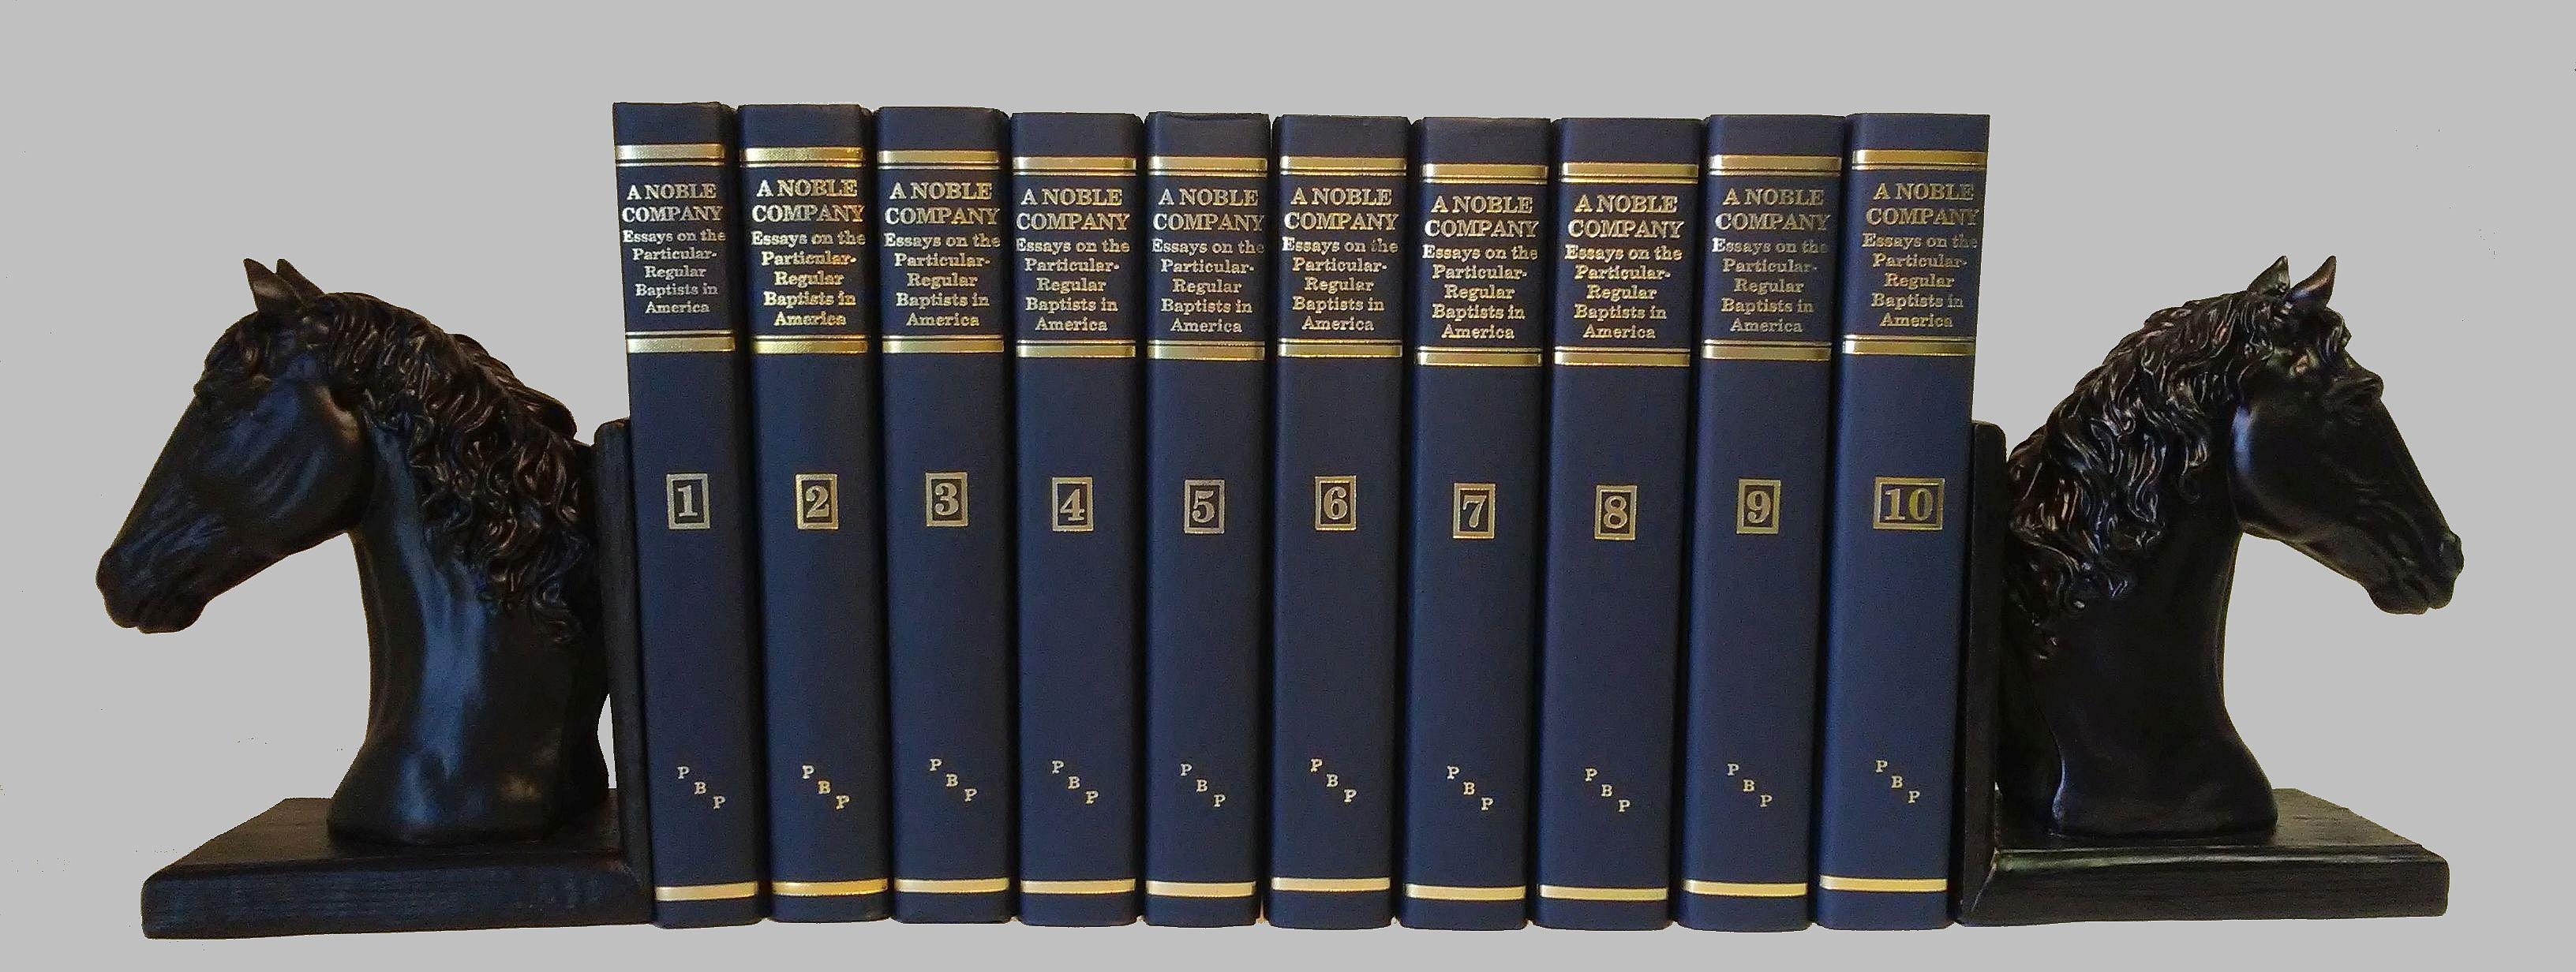 noble-co-set-v1-10-front.jpg